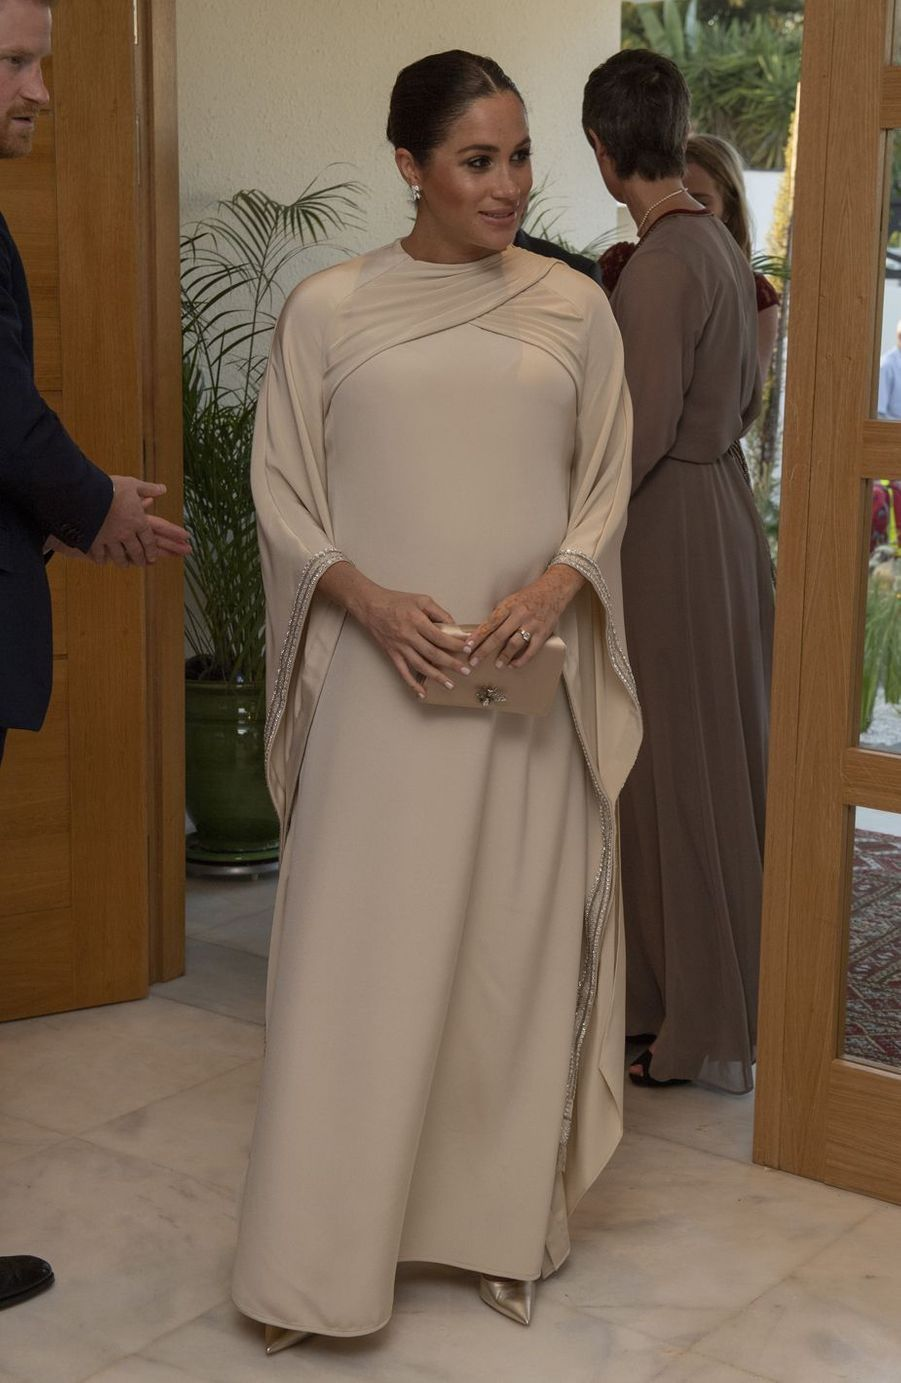 Meghan Markle en robe Dior pour la réception organisée par l'ambassadeur britannique au Maroc à Rabat, le 24 février 2019